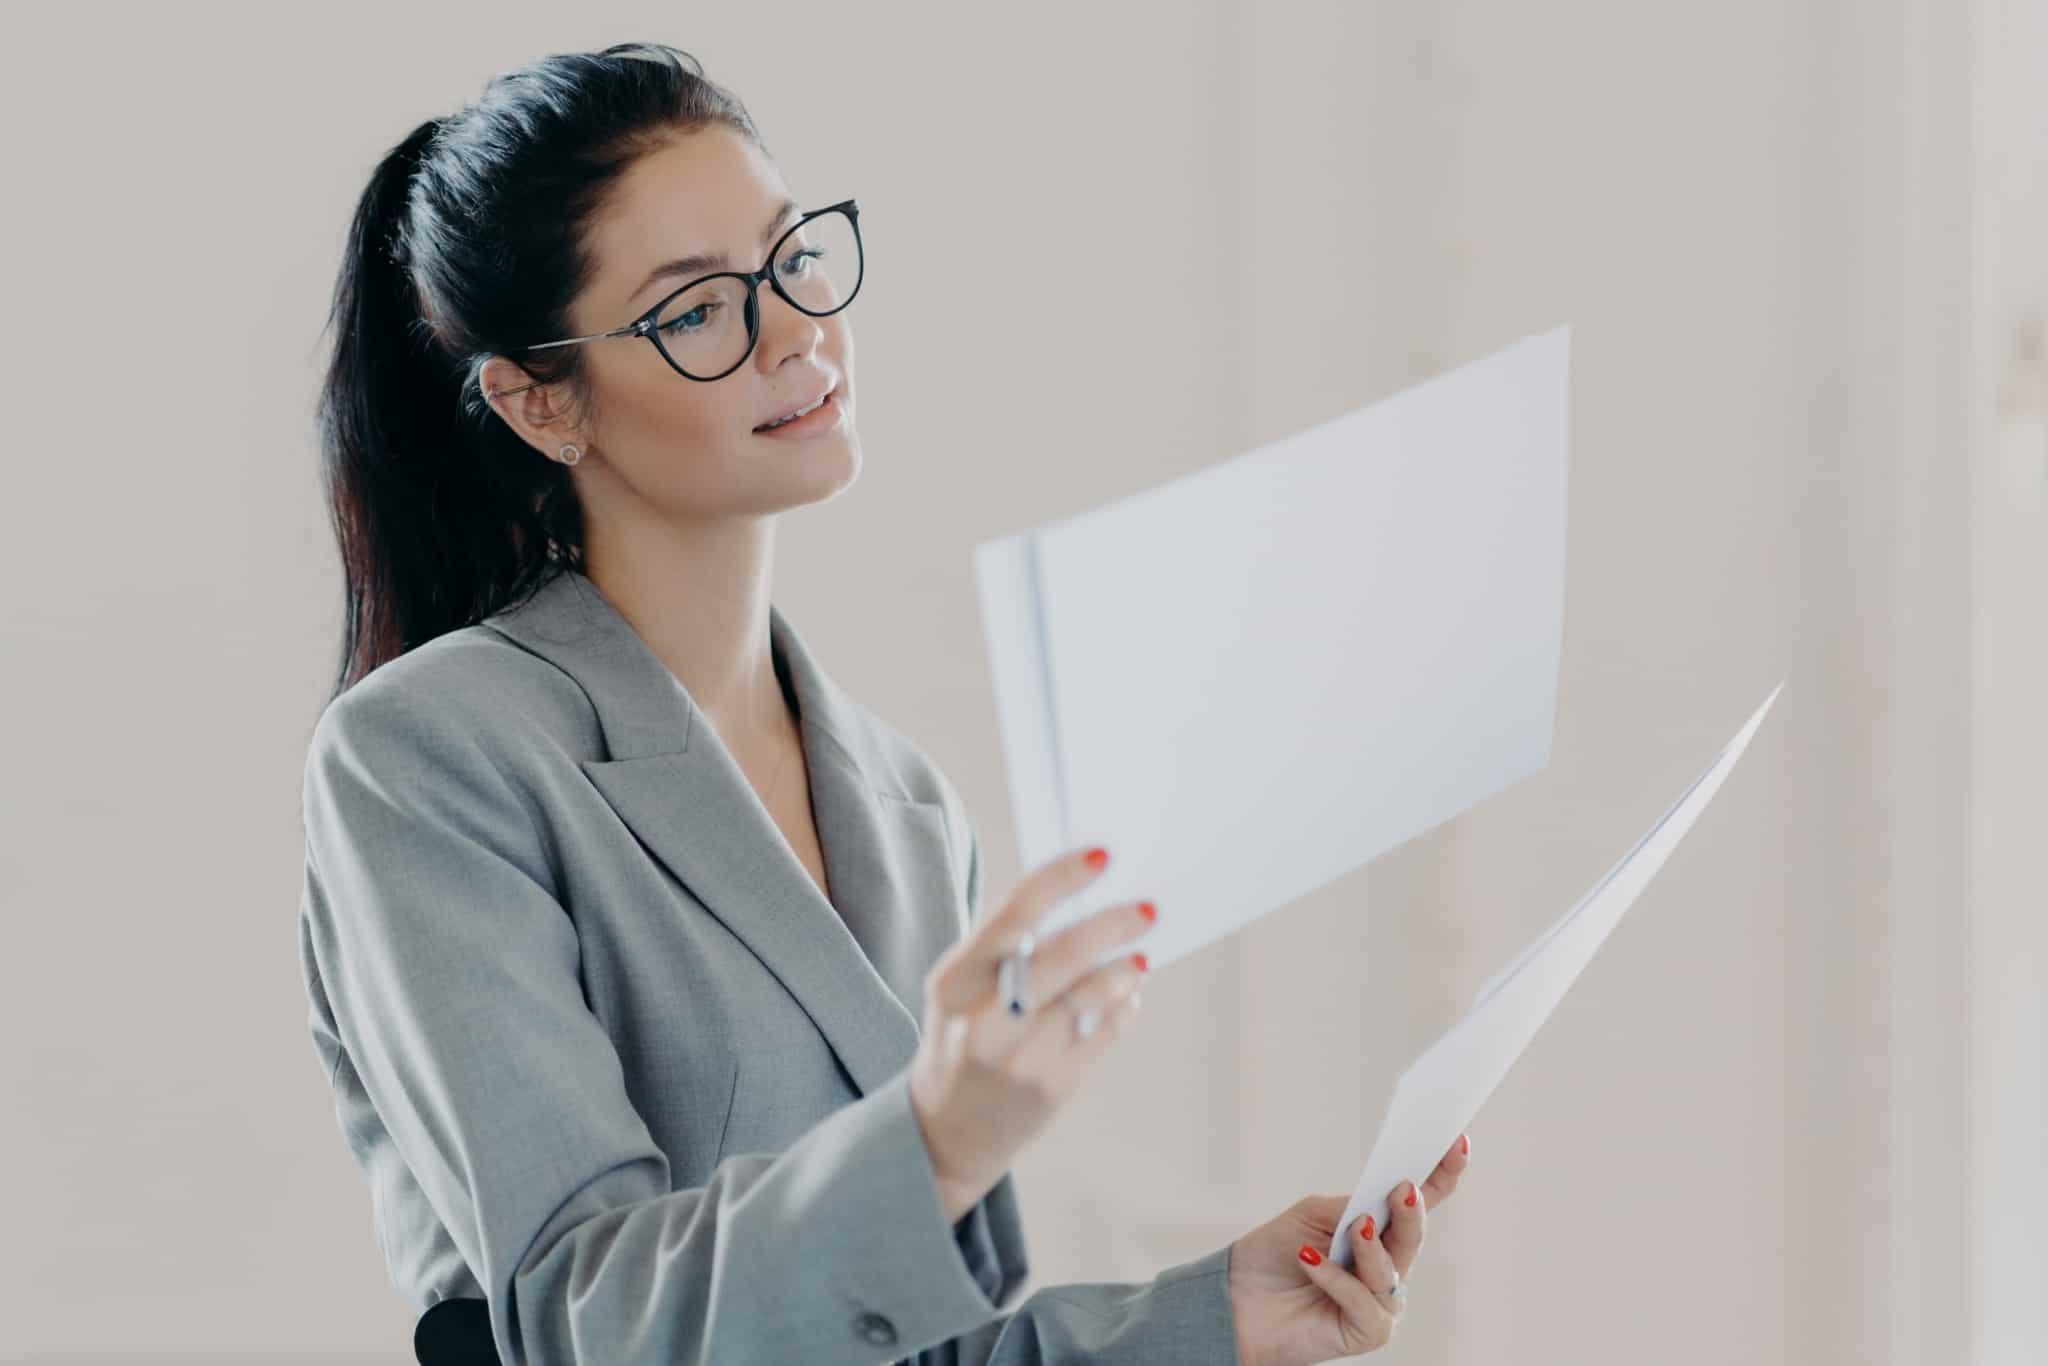 Jovem mulher estuda e analisa documentos com propostas de crédito